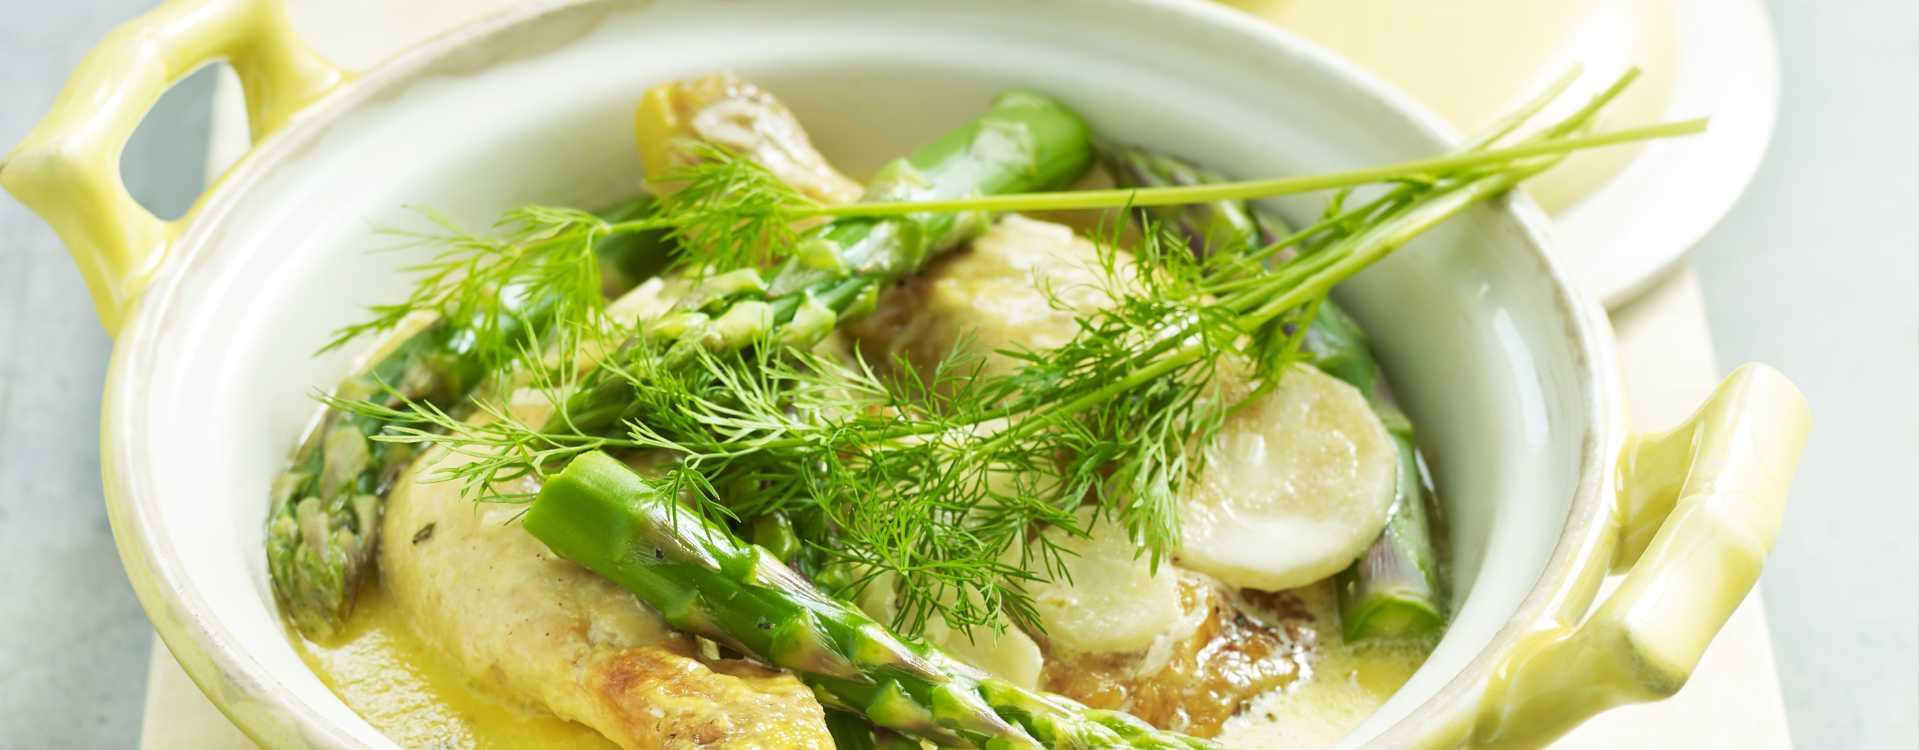 Gryte med kyllinglår, asparges og dill